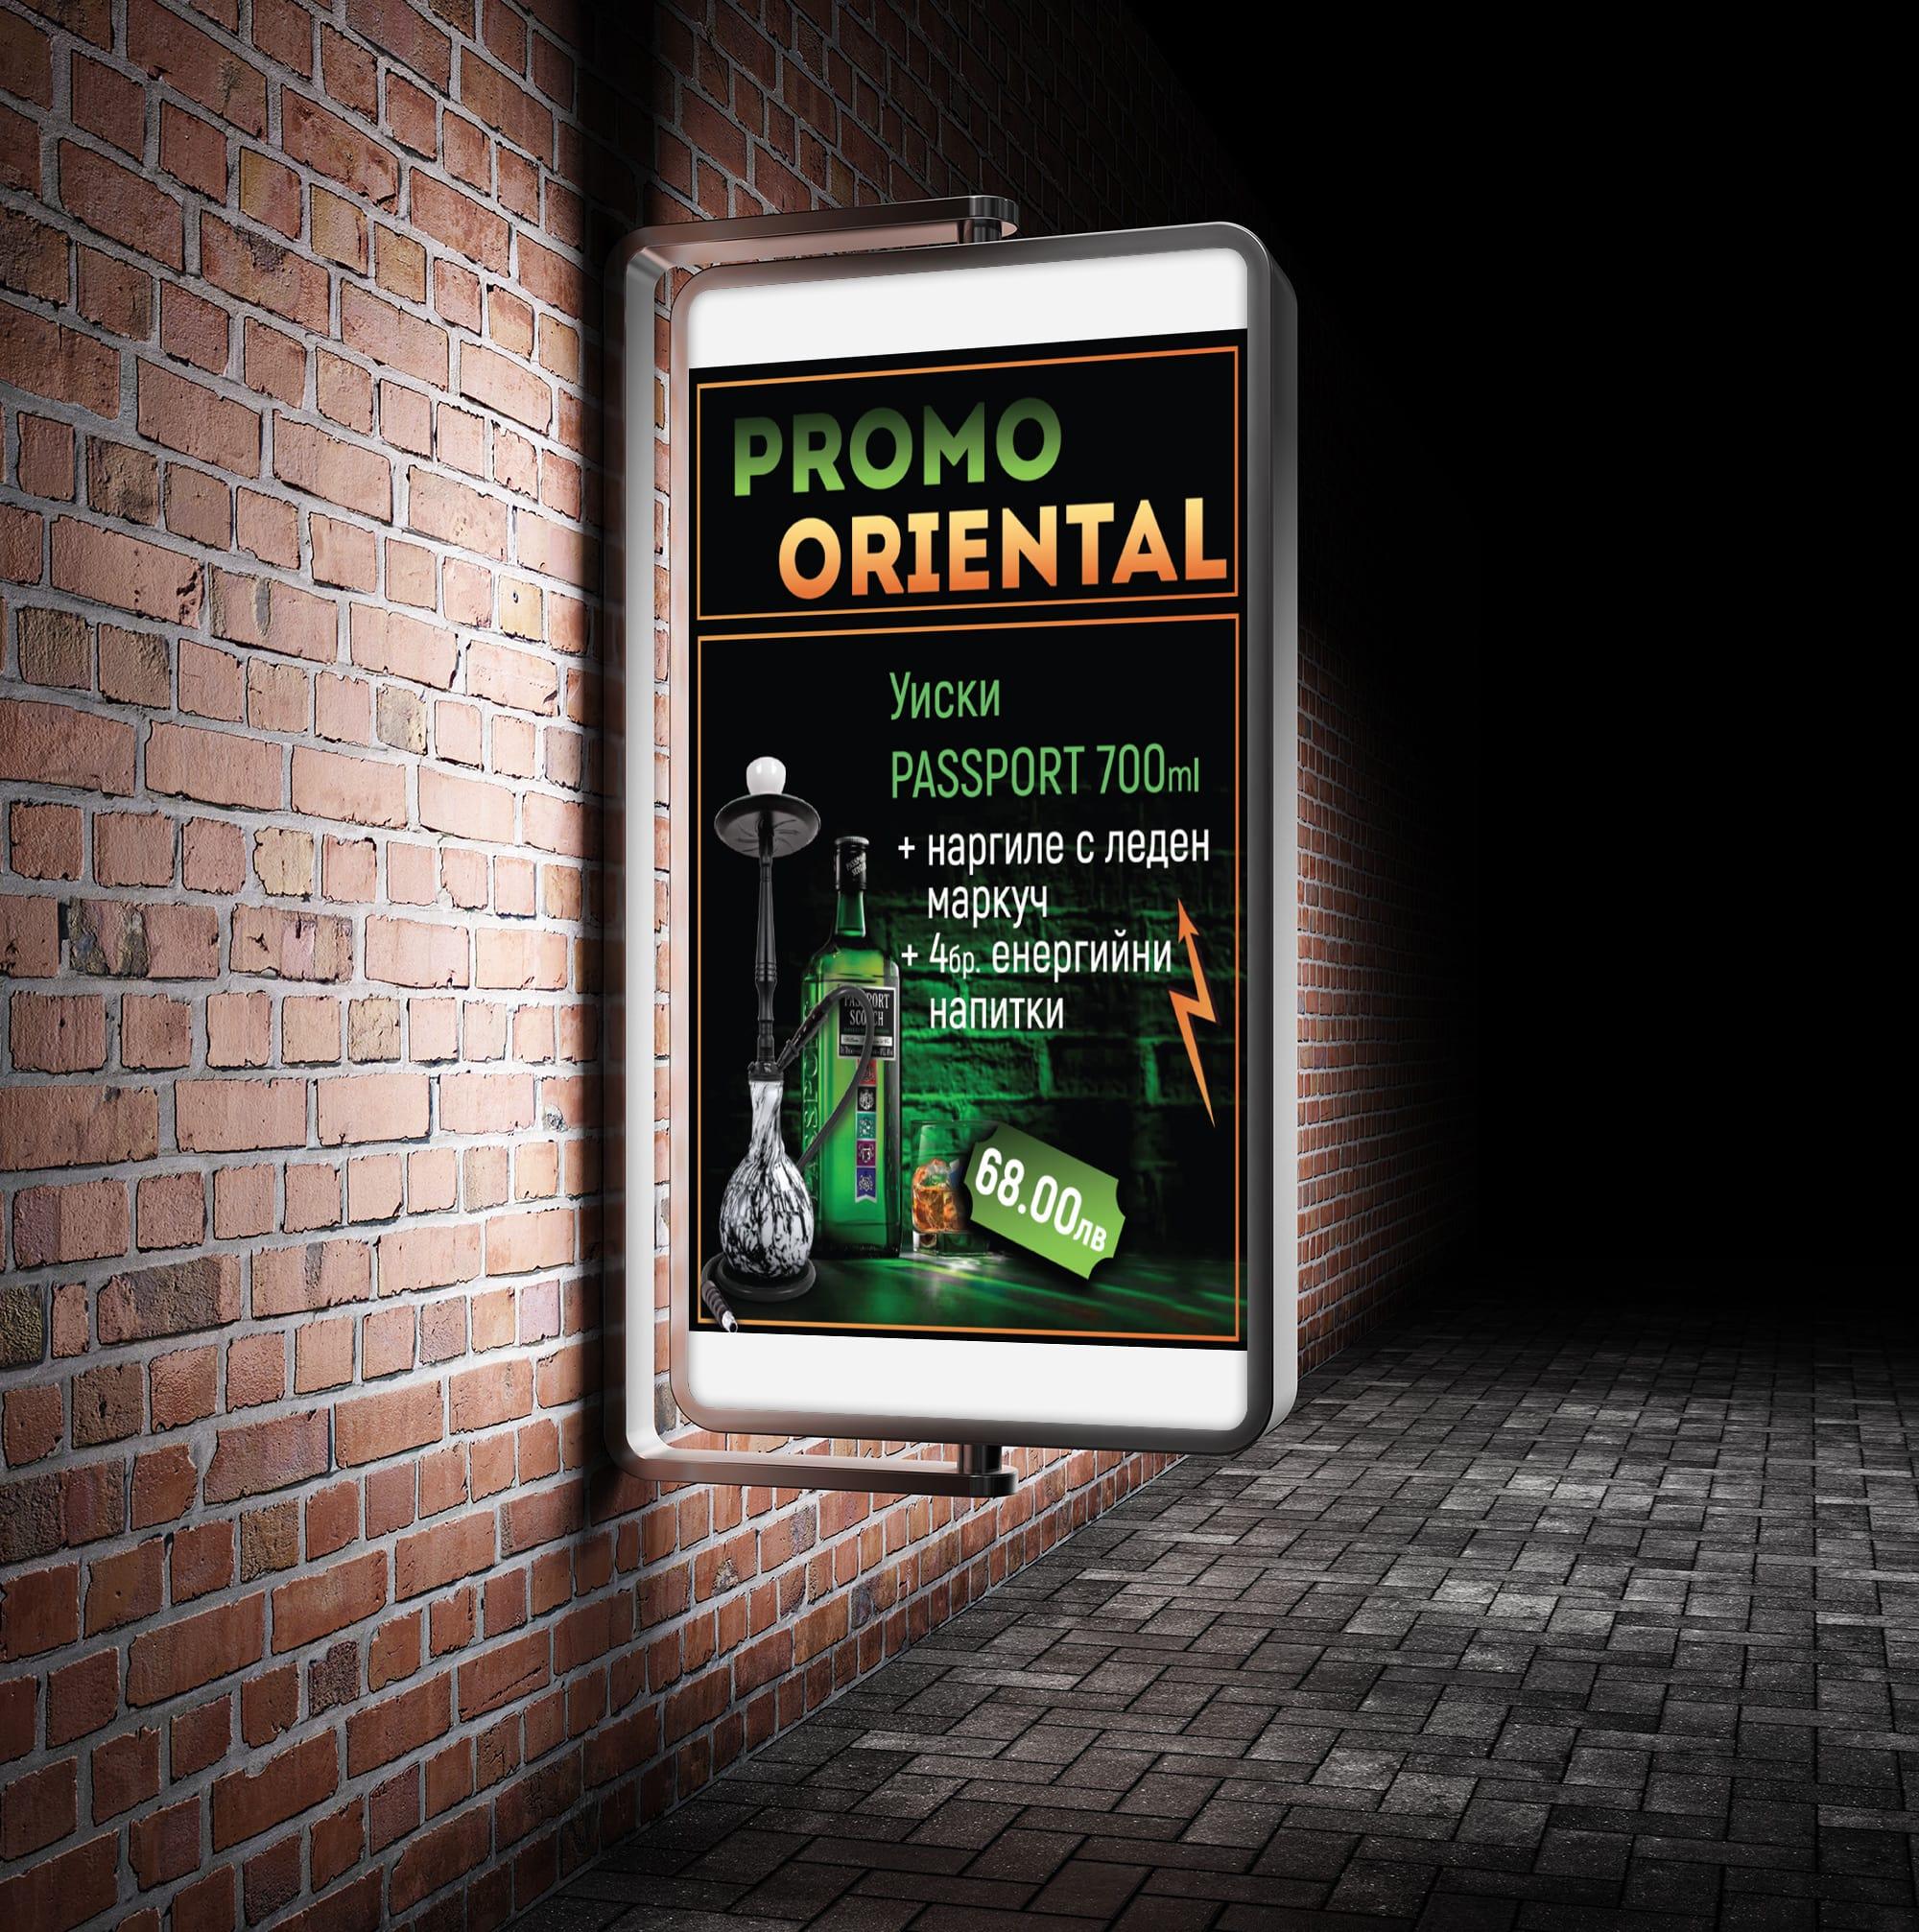 promotiom drink poster design